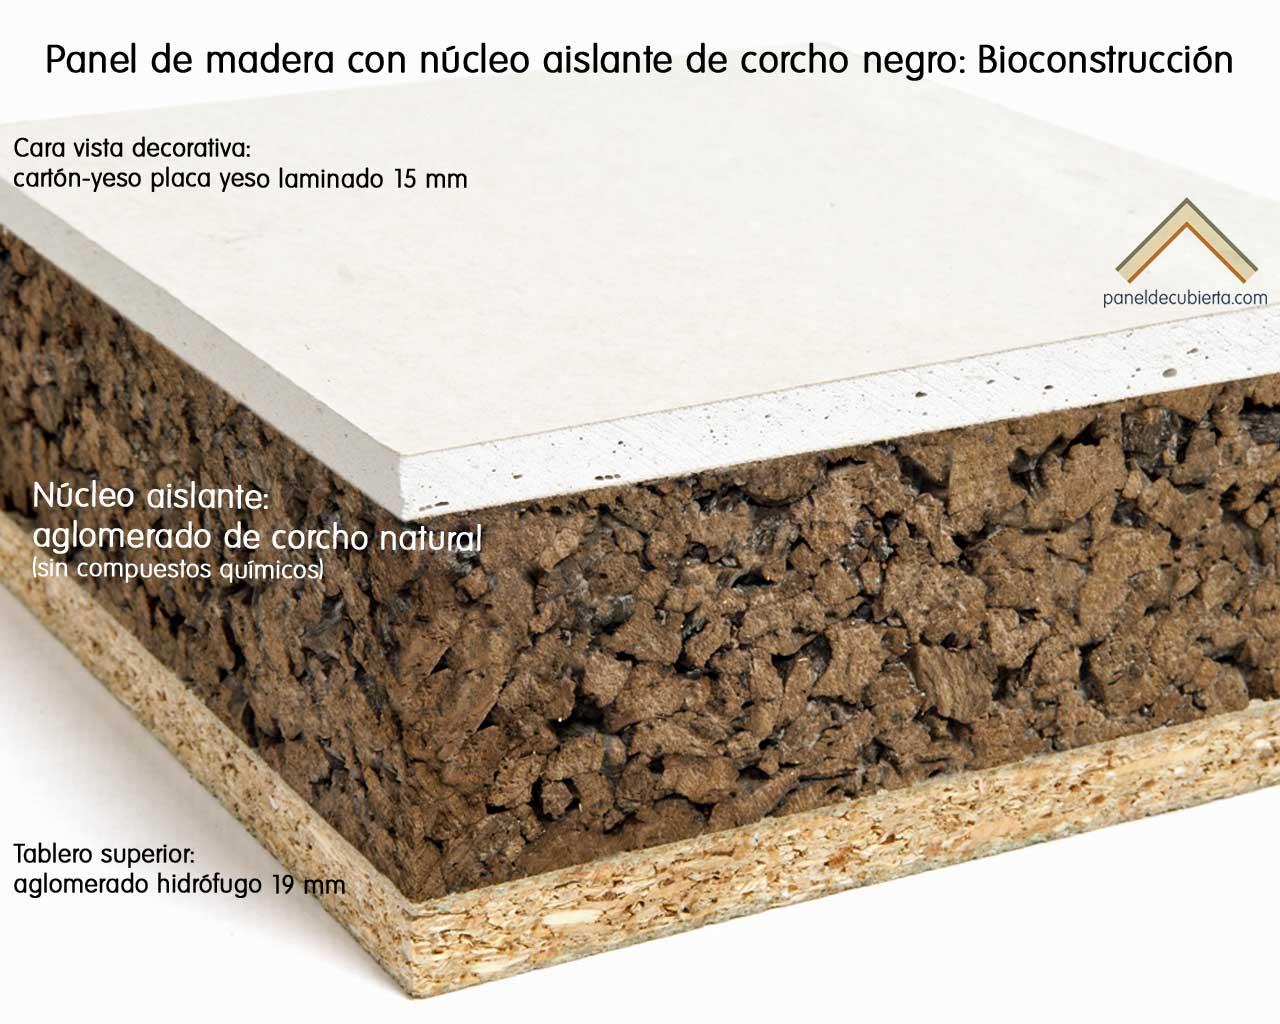 Panel de madera con aislante de corcho natural también llamado corcho negro recomendado para Bioconstrucción. Cara vista tablero placa yeso laminado cartón yeso knauf.